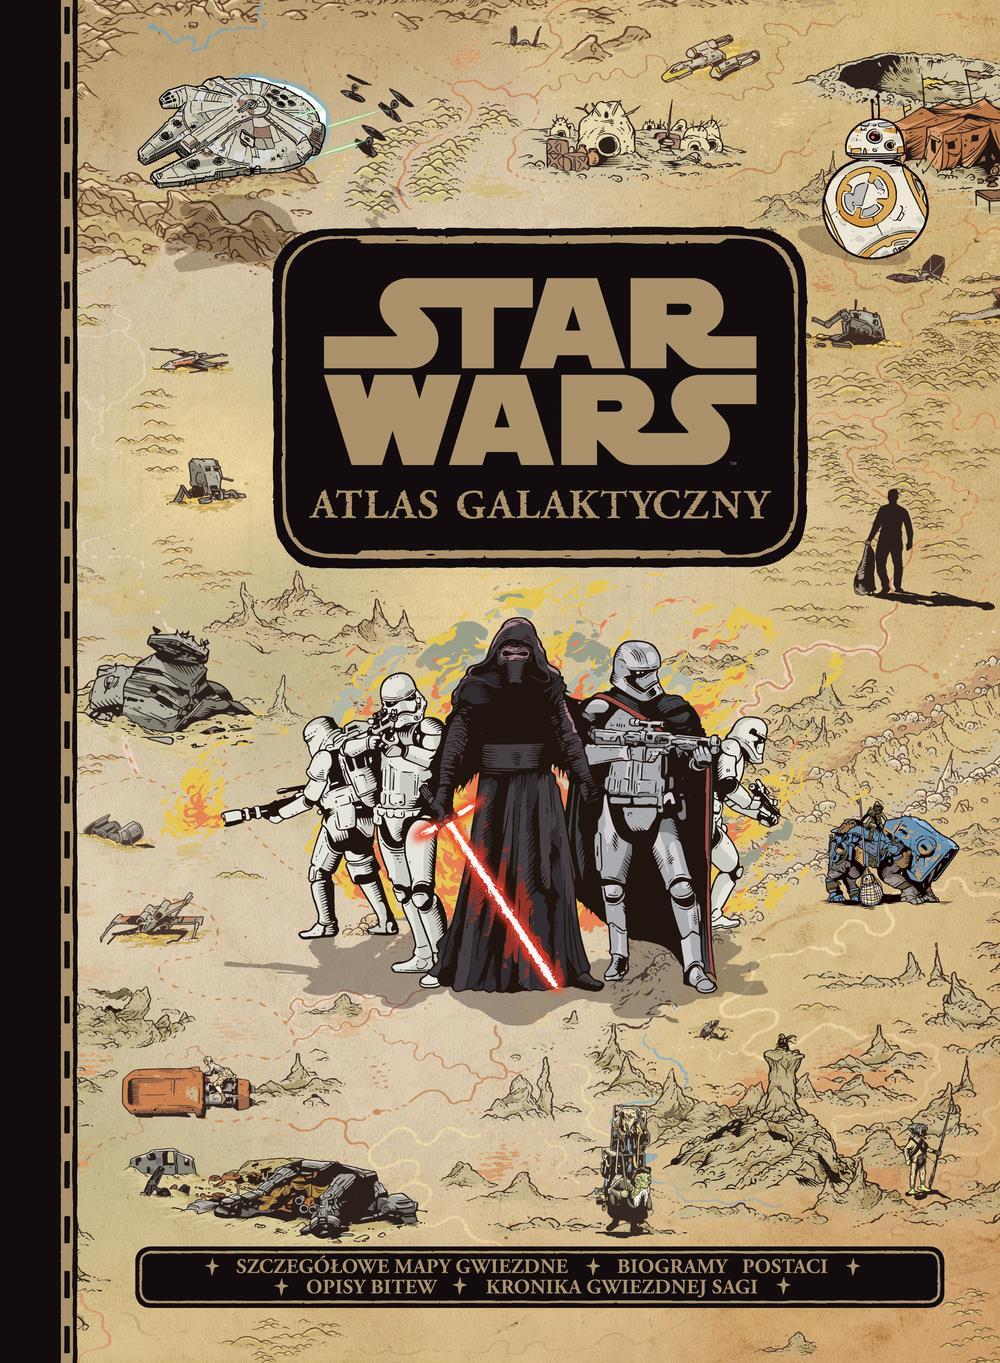 Star Wars Atlas galaktyczny